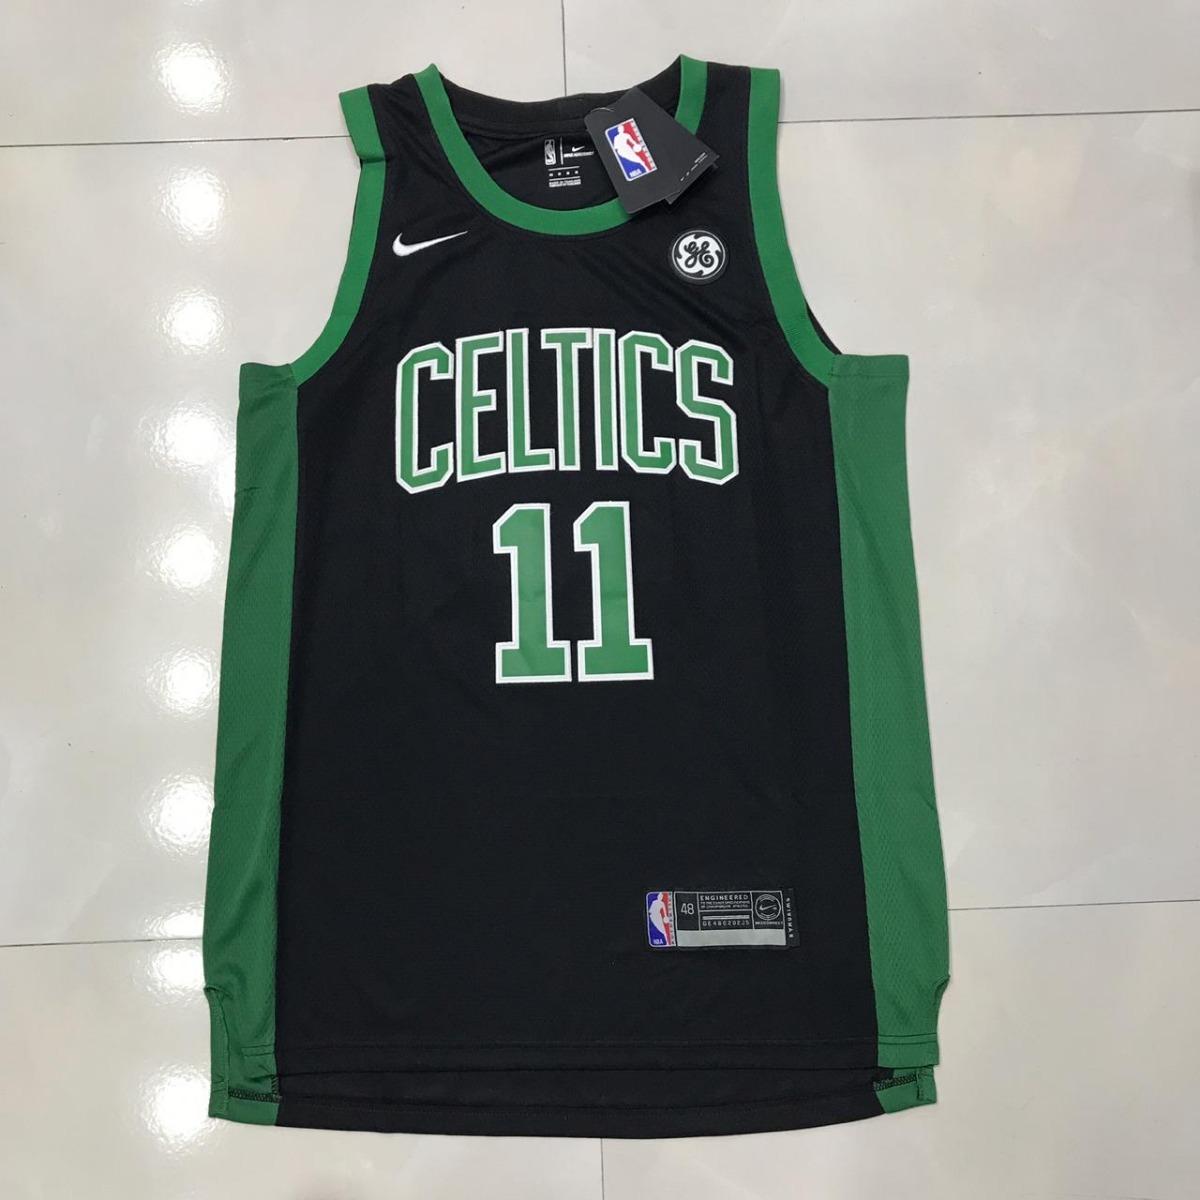 35fc3c4c7 camisa de basquete celtics nba aproveite oferta 2019 compre. Carregando  zoom.